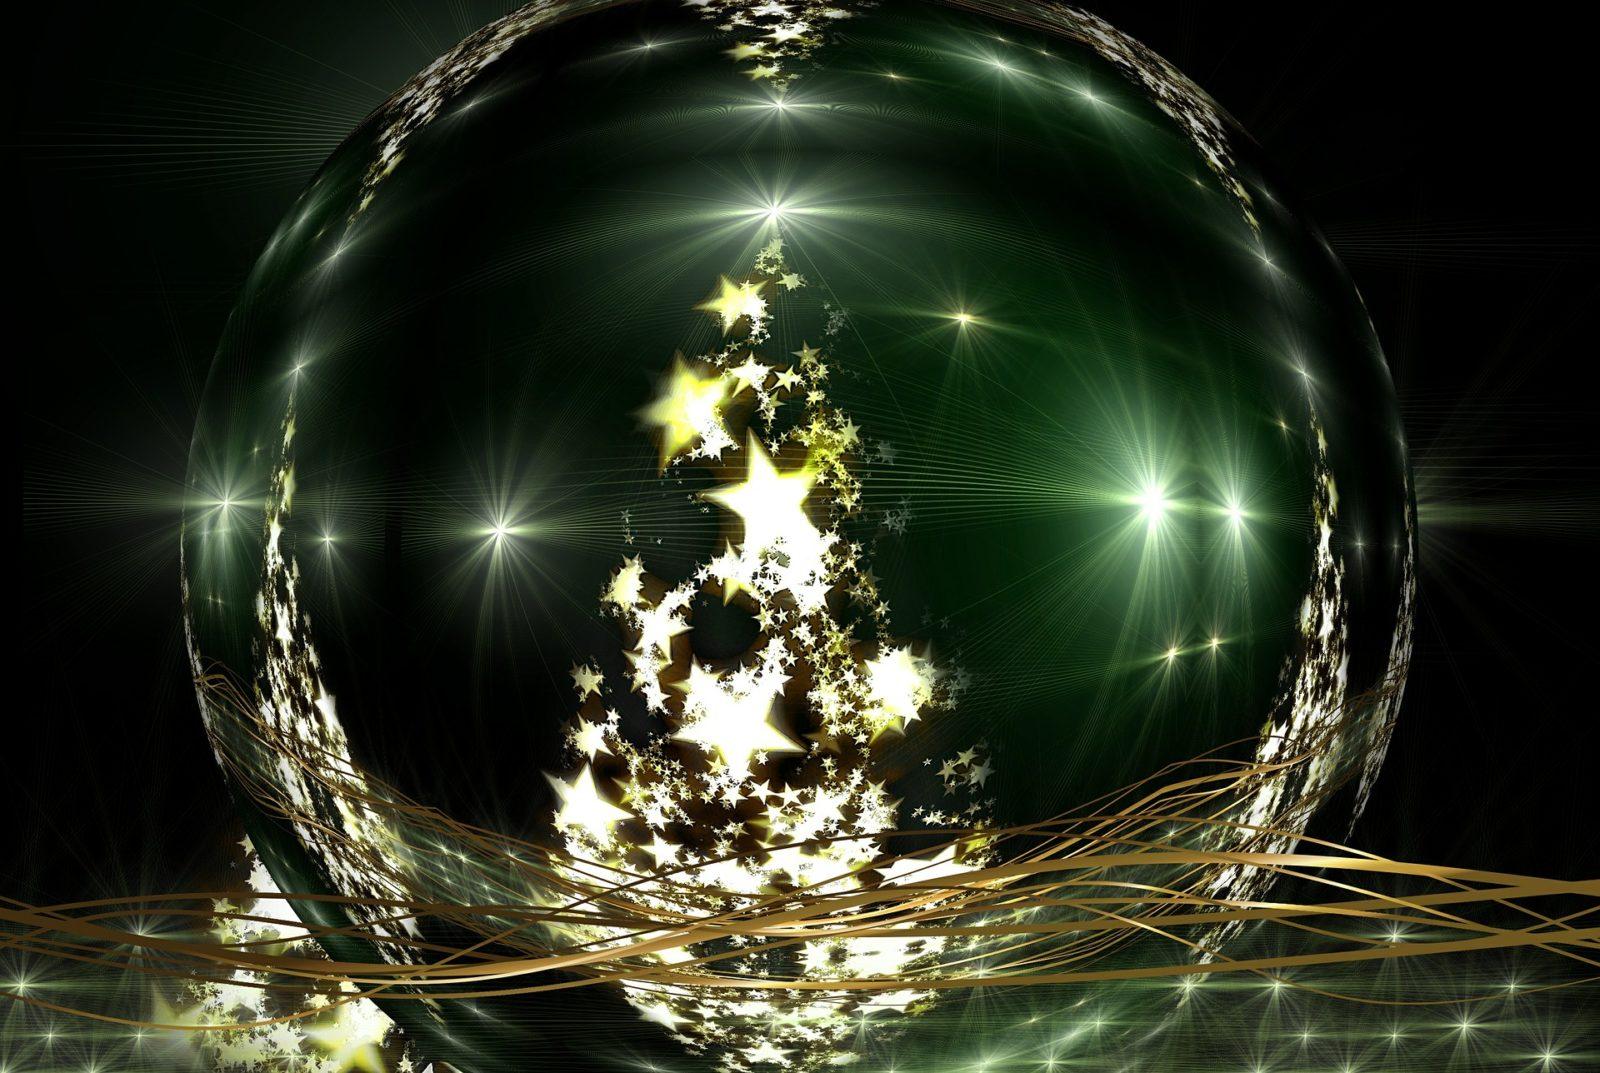 С Новым годом, дорогие!!! С новым счастьем всех, всех, всех!